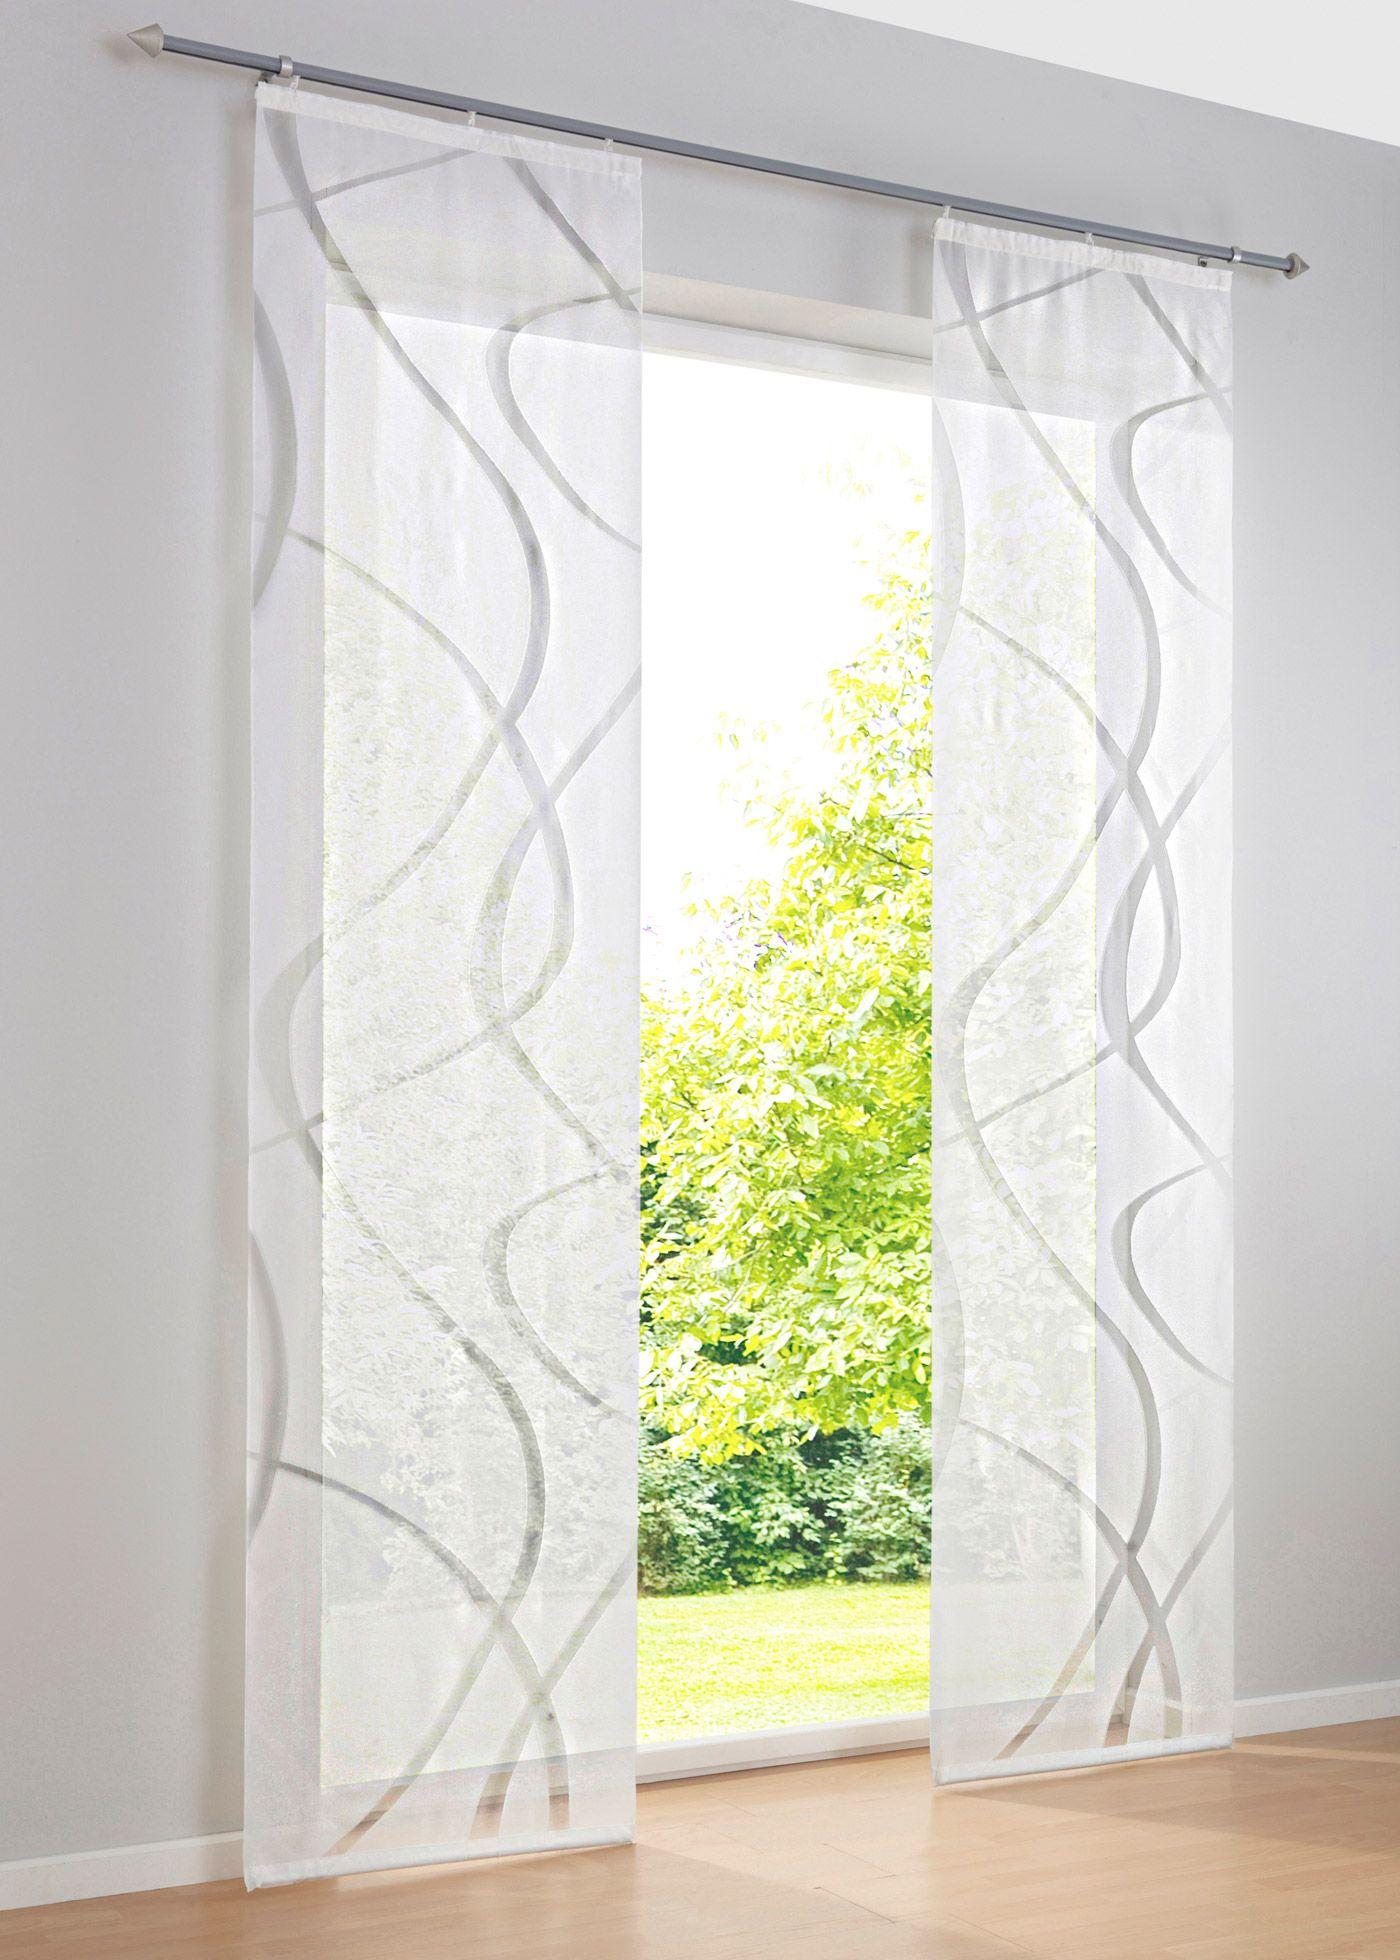 schiebegardine br gge 1er pack klettschiene wei bpc living jetzt im online shop von. Black Bedroom Furniture Sets. Home Design Ideas